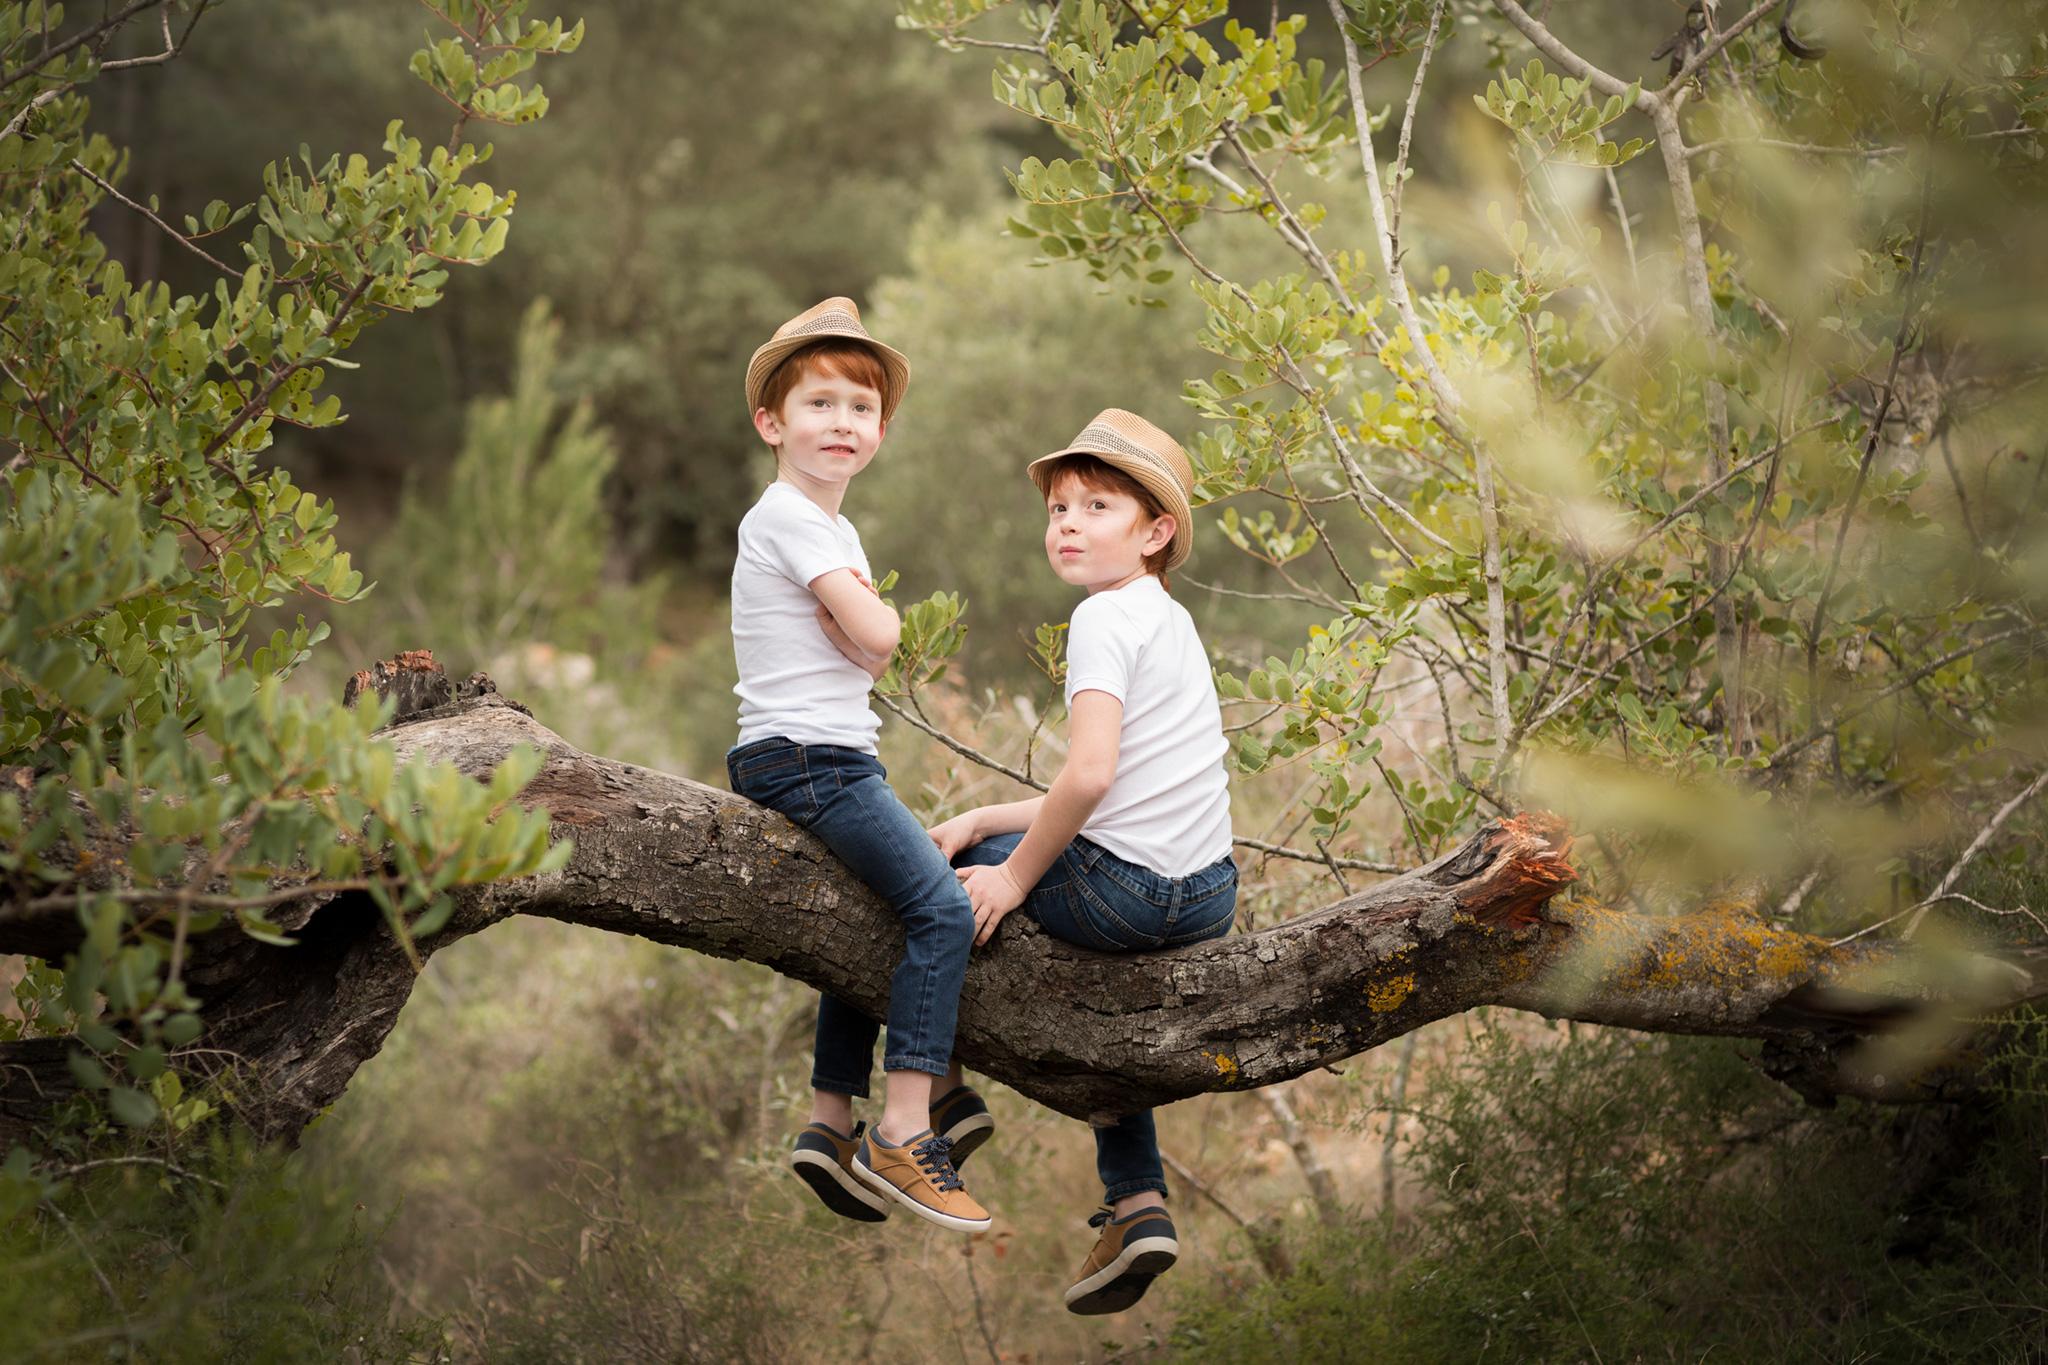 sesión de fotos de niños